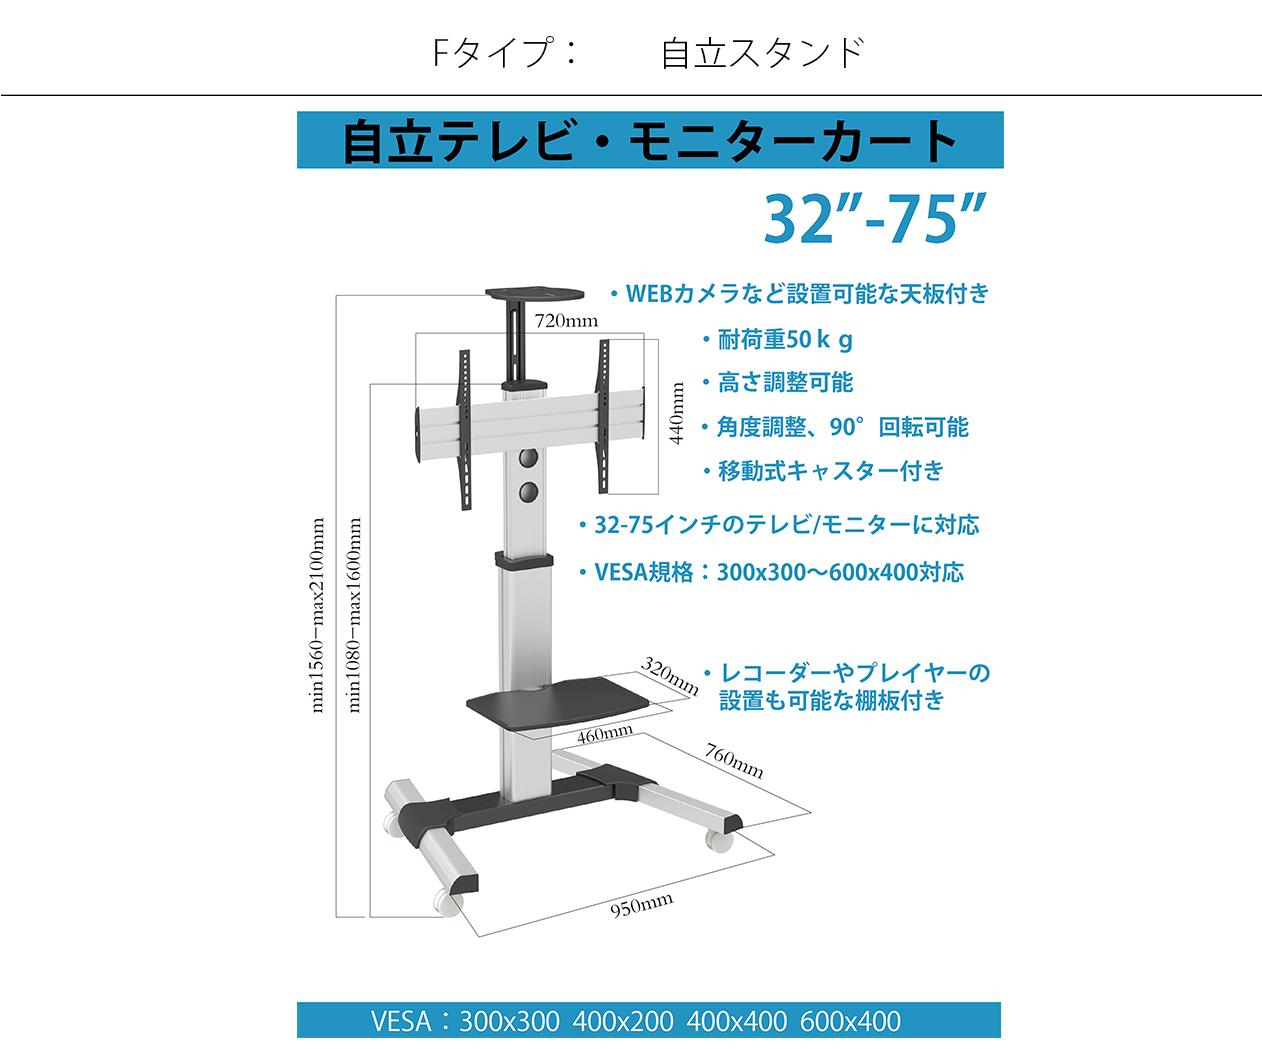 JN-T2820UHD haikei